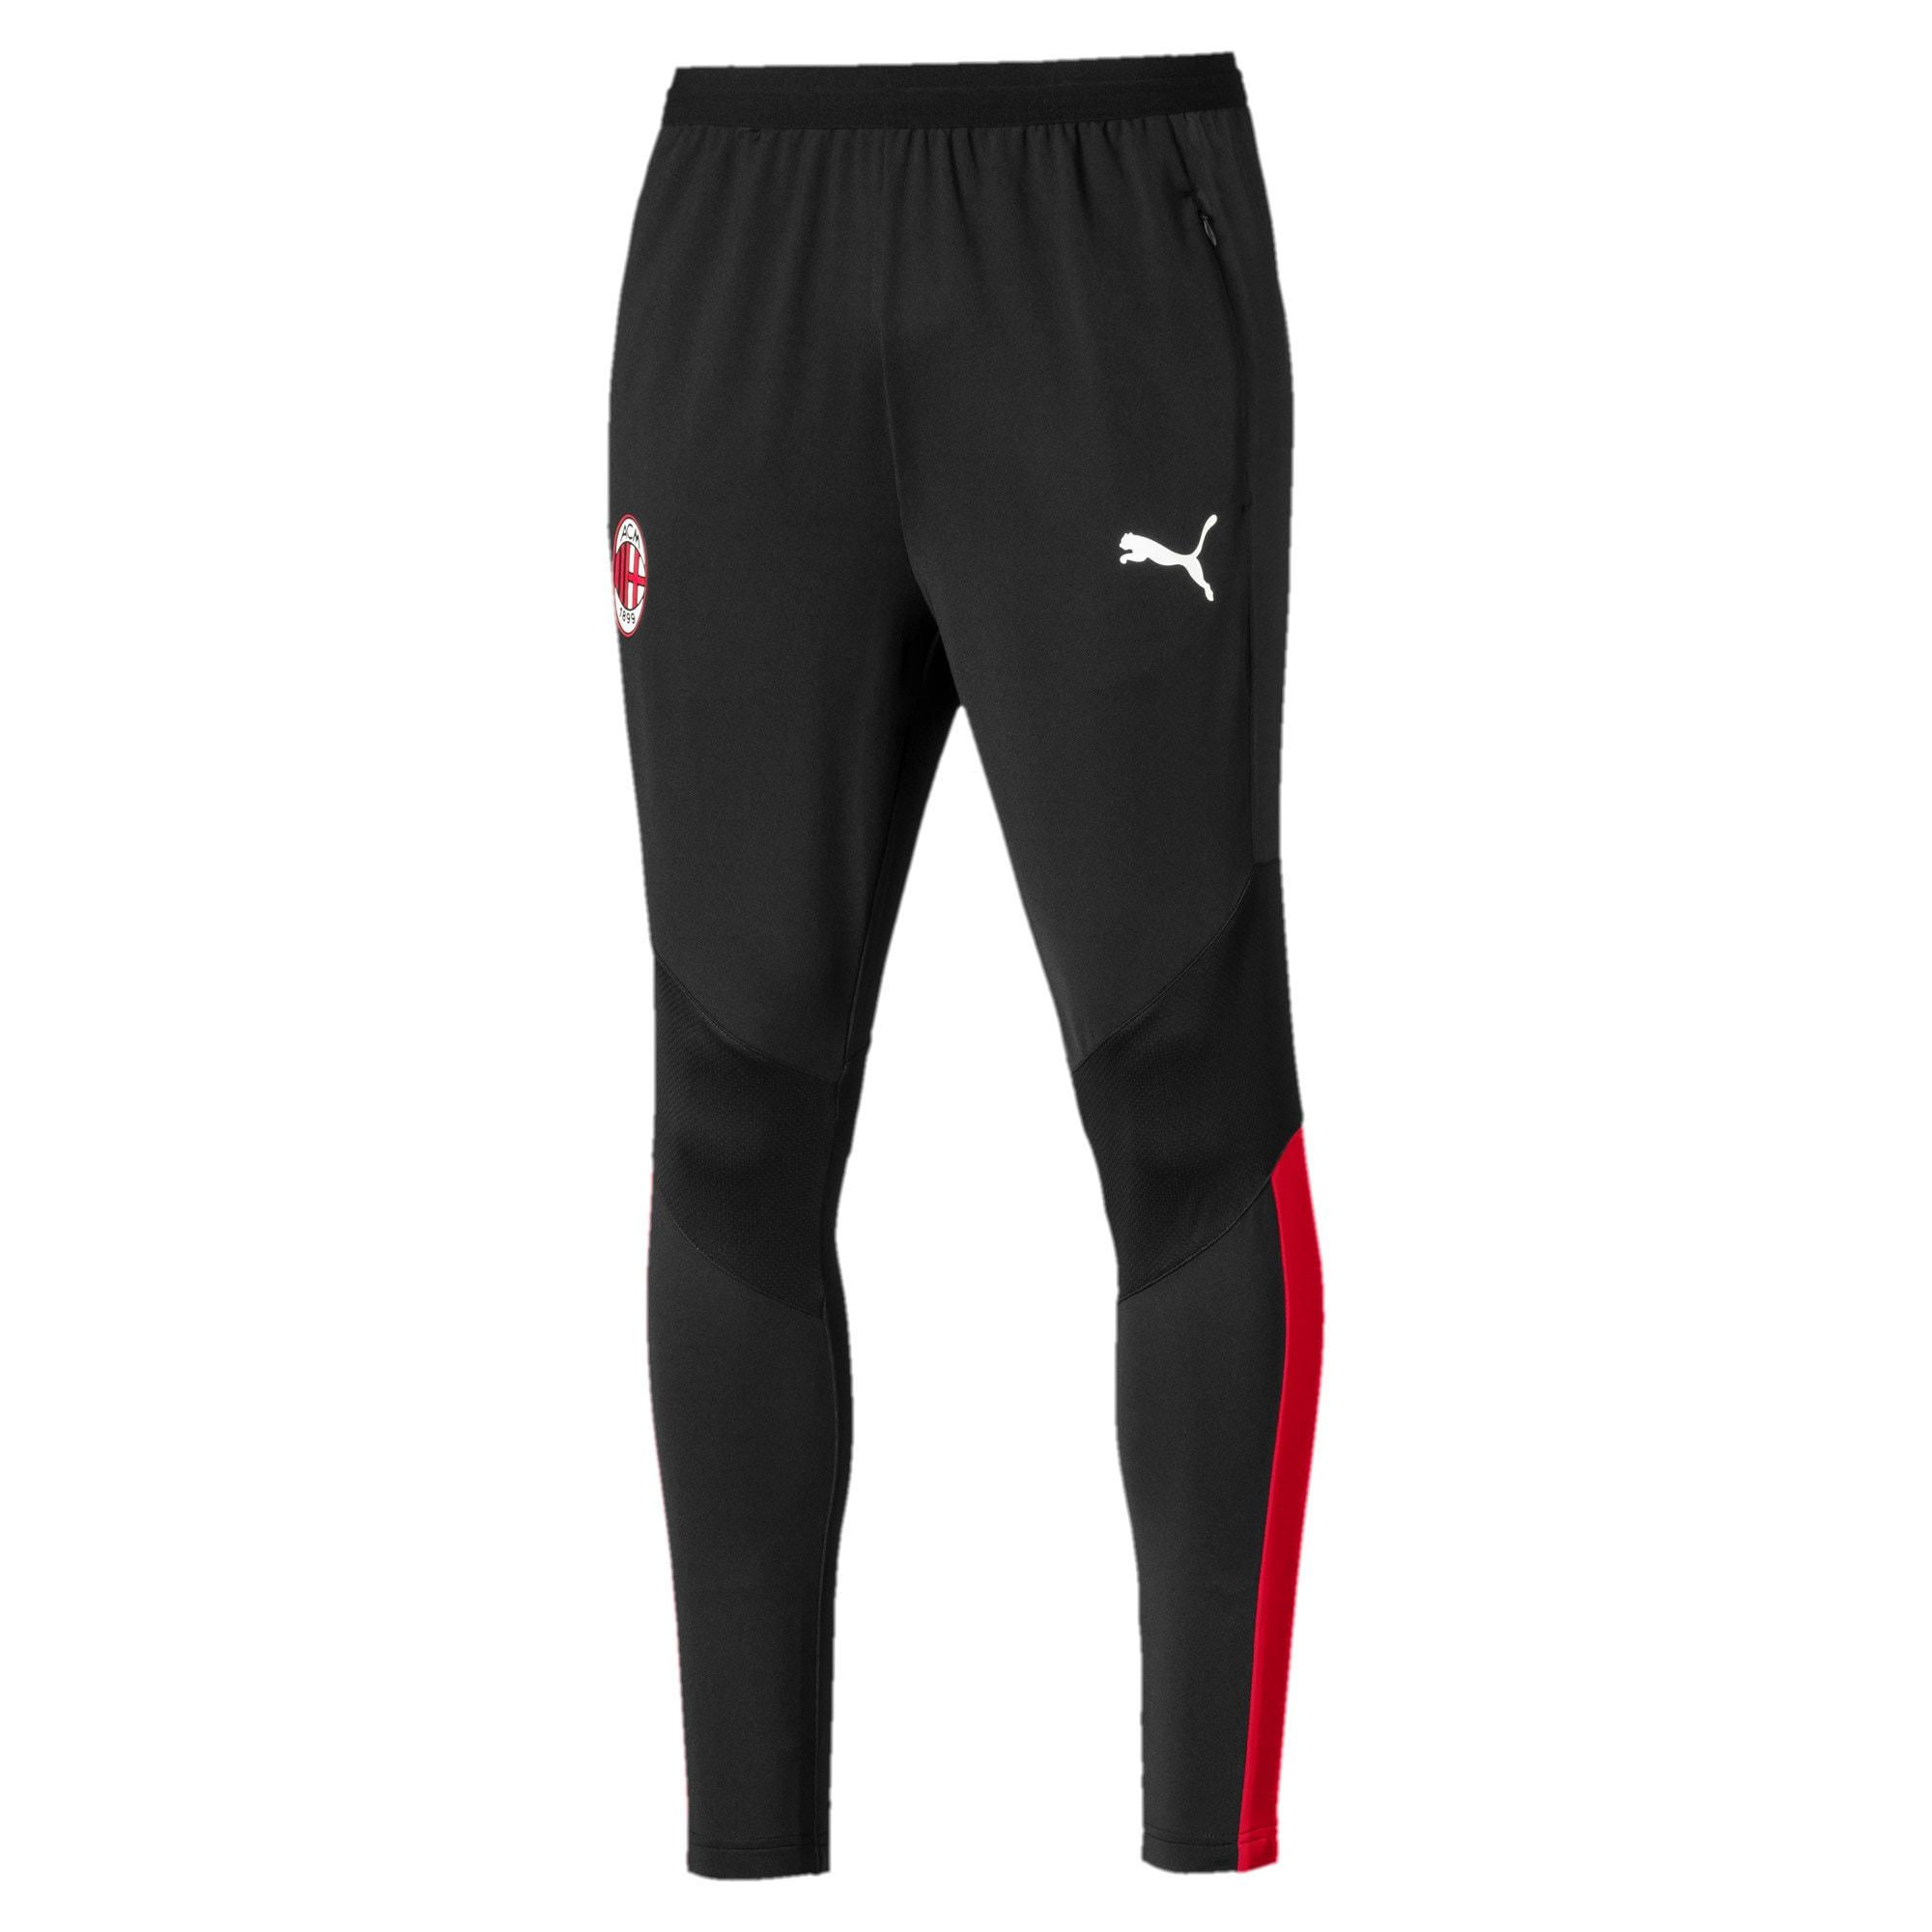 Thumbnail 4 of AC Milan Pro Herren Trainingshose, Puma Black-Tango Red, medium